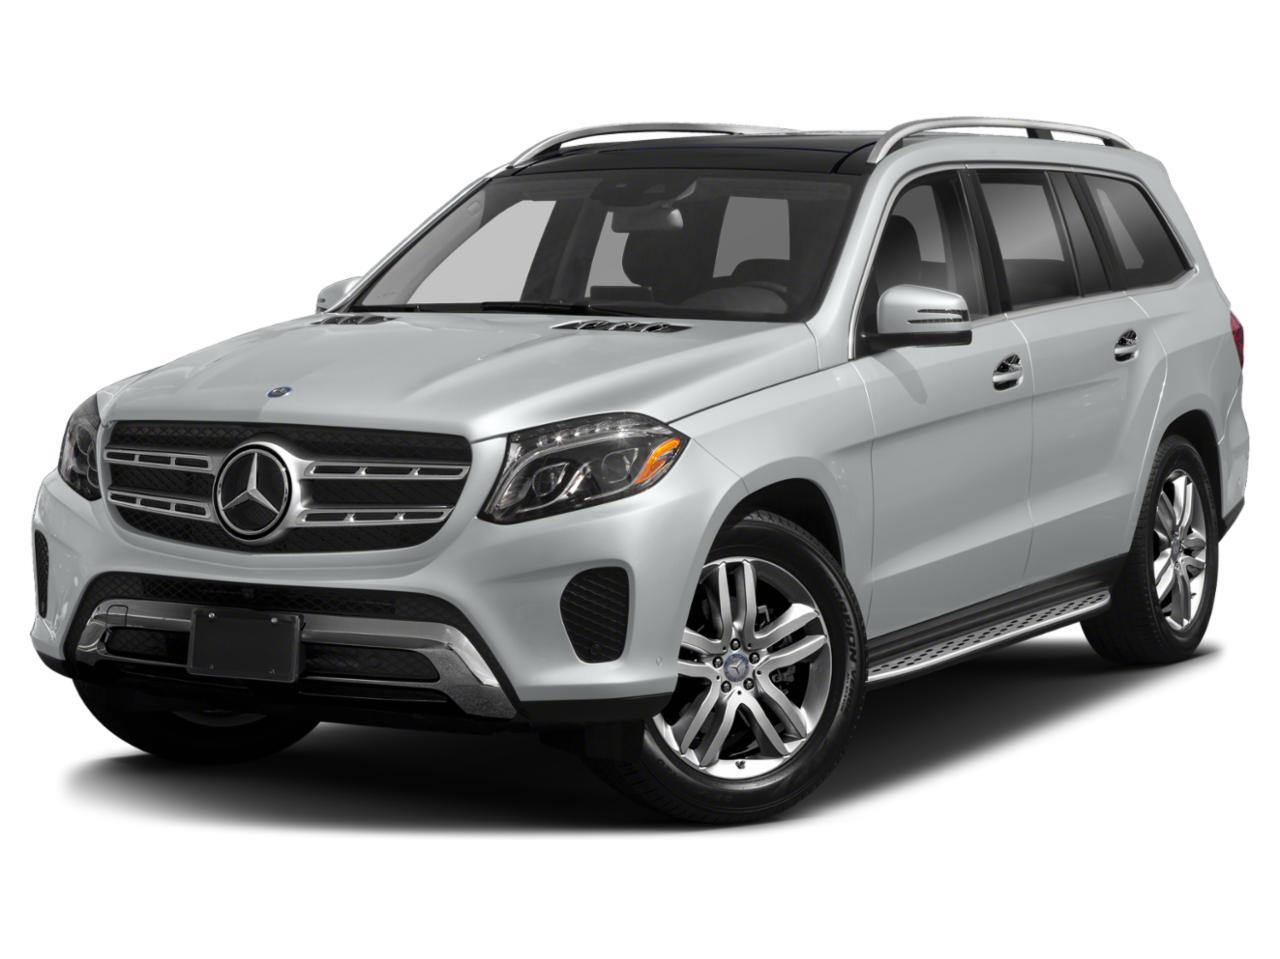 2019 Mercedes-Benz GLS Vehicle Photo in HOUSTON, TX 77054-4802